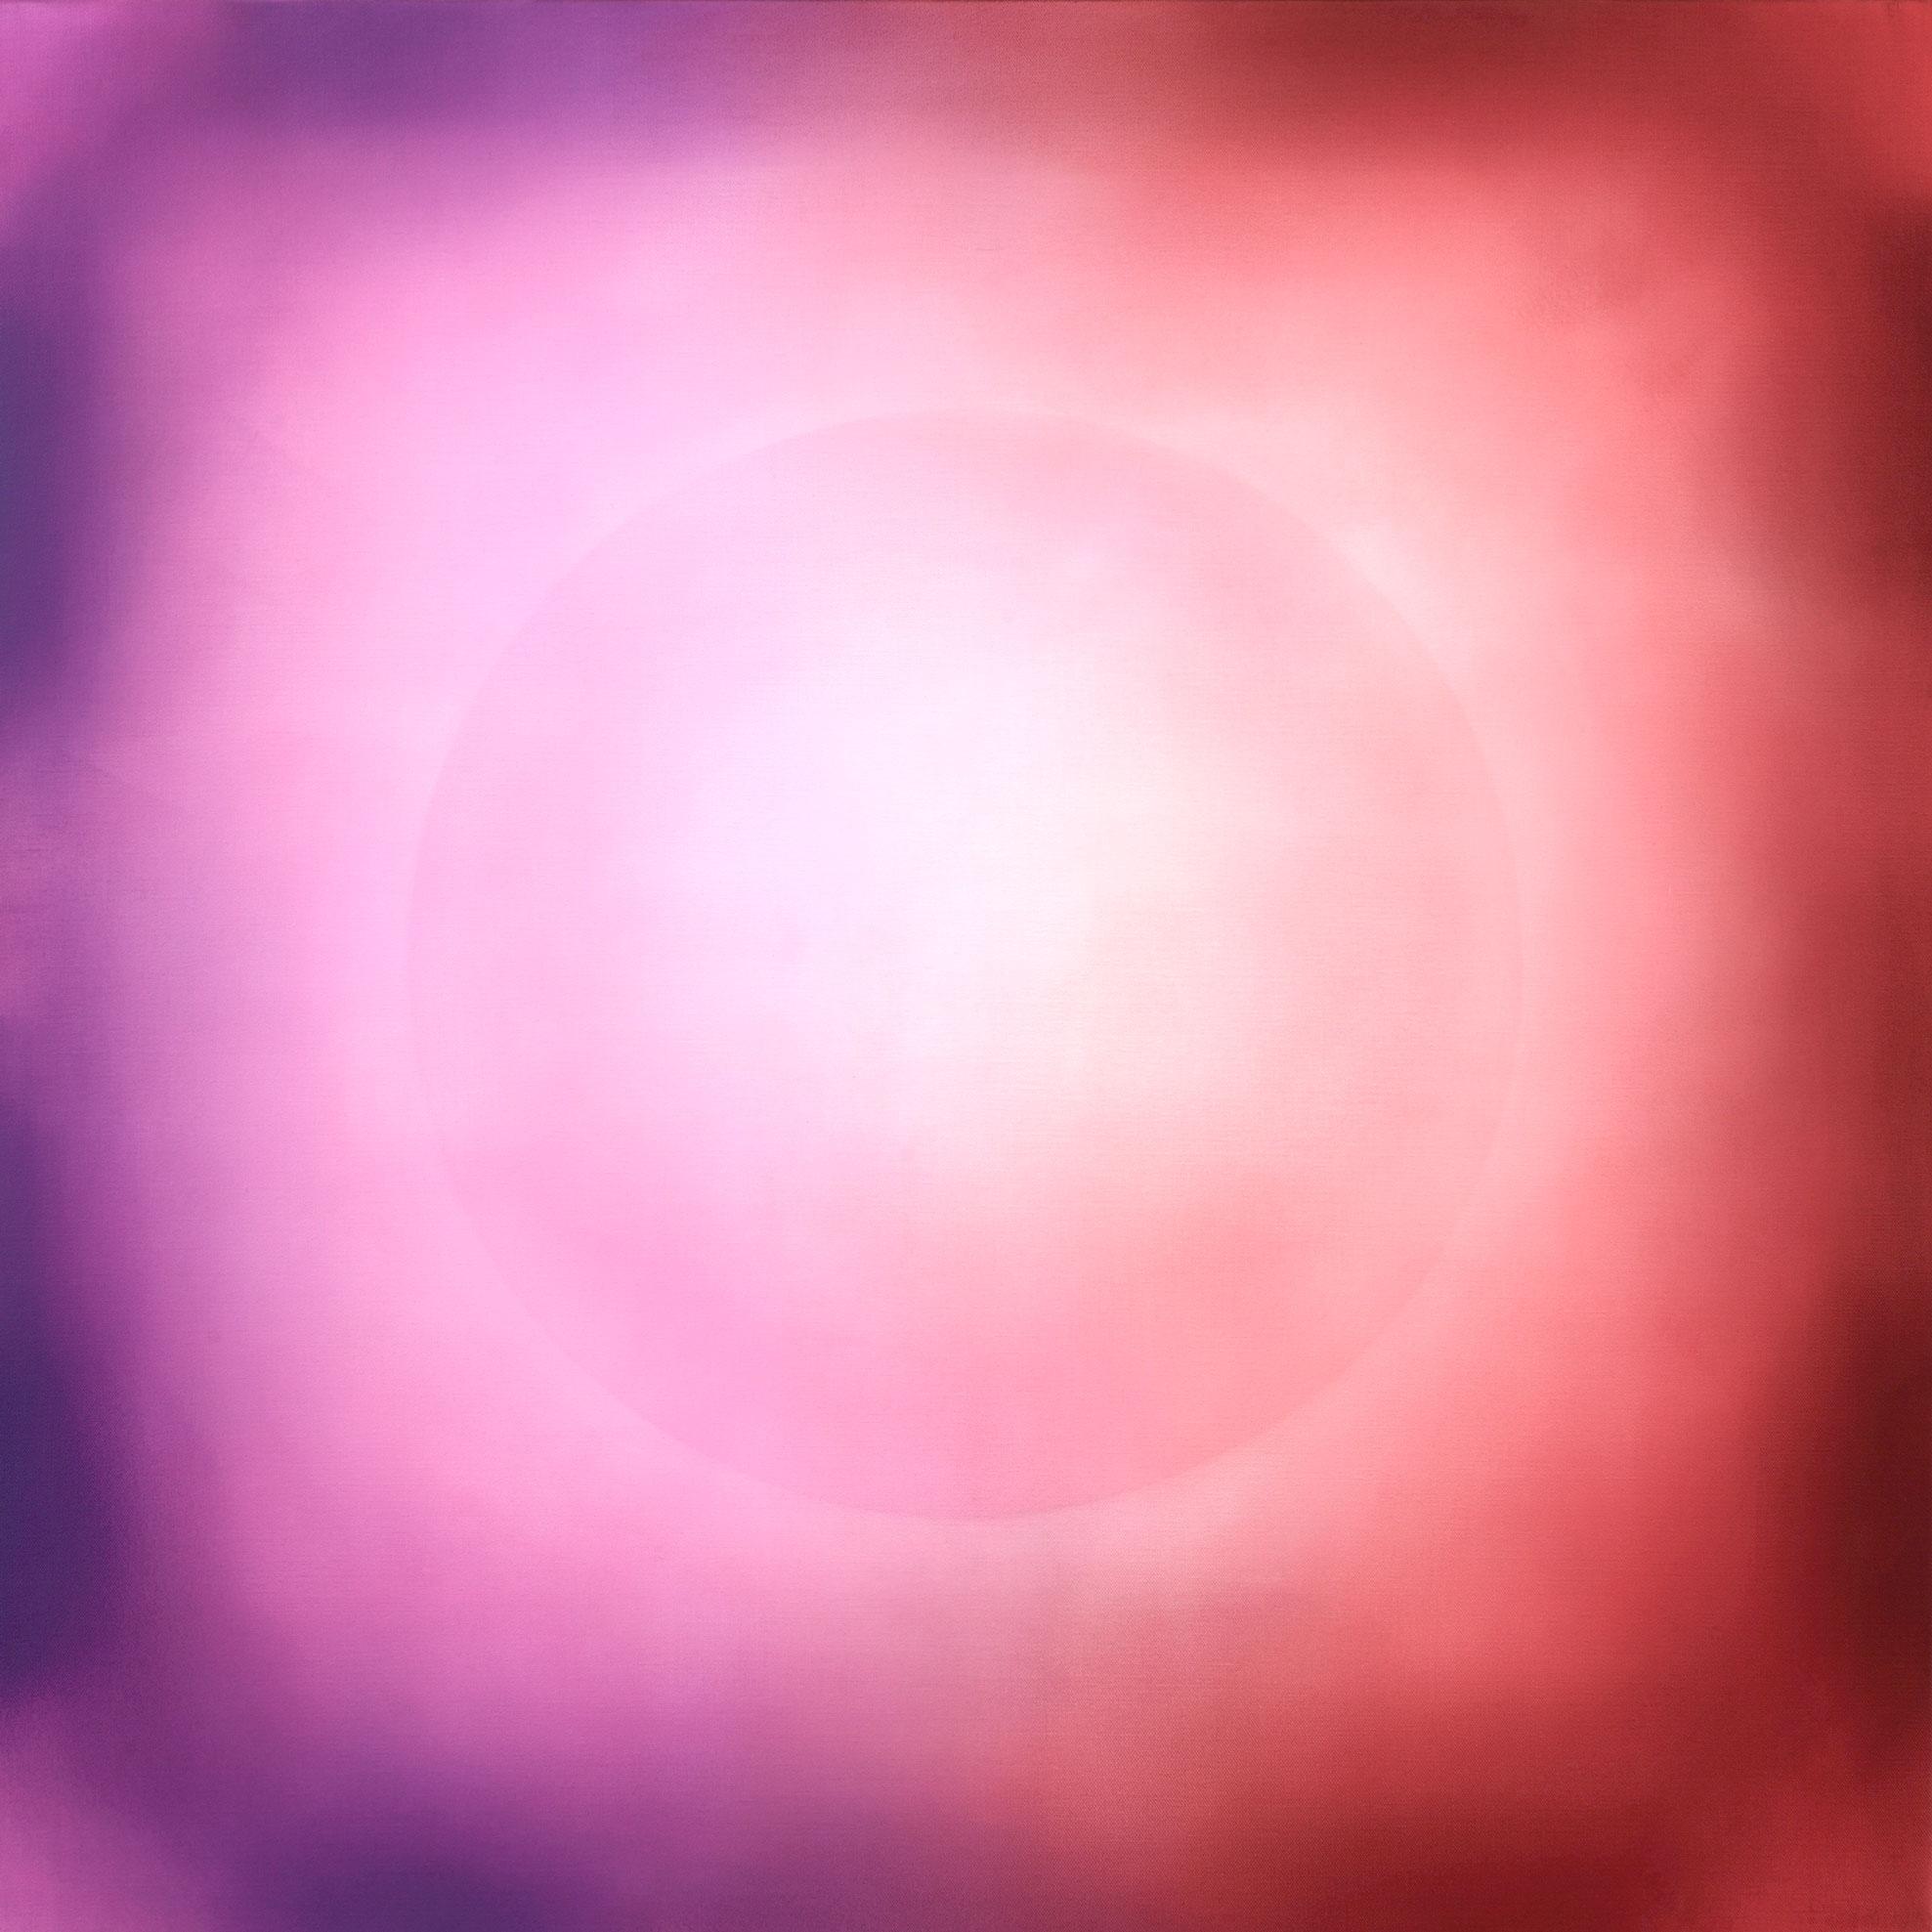 Ikon-of-red-and-magenta.jpg